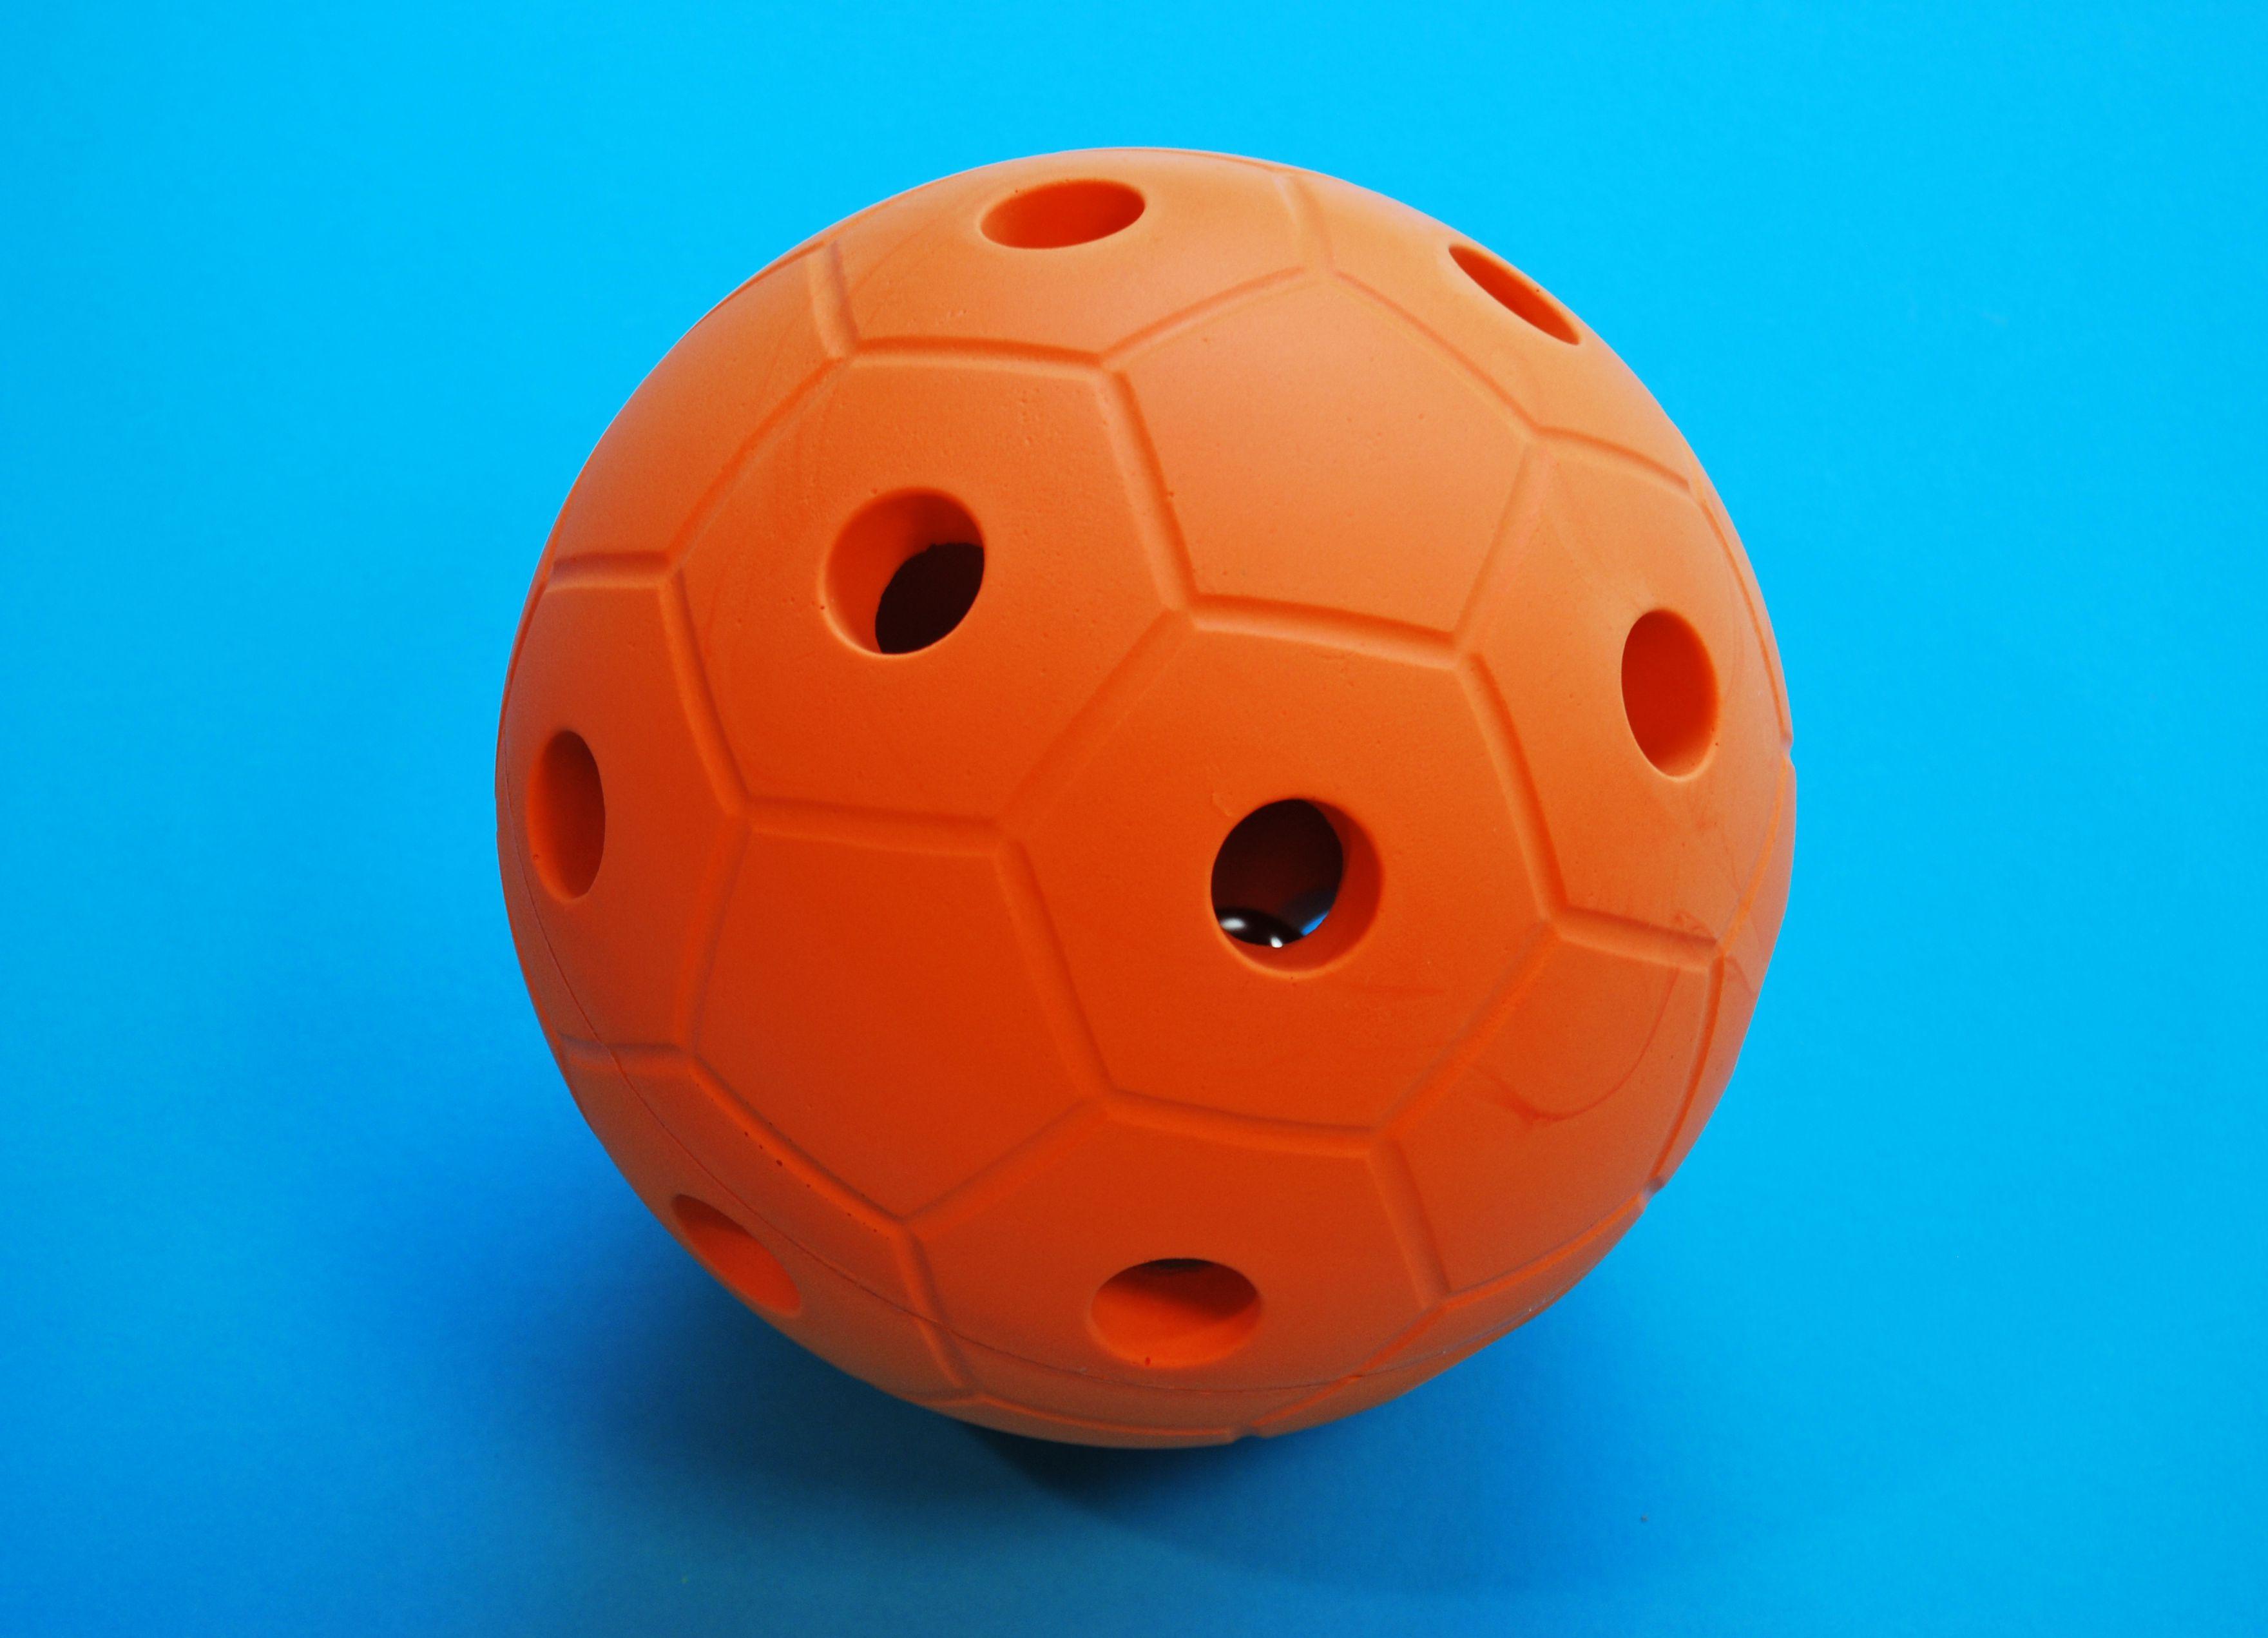 Image de présentation du jeu Ballon sonore orange  - cliquez pour agrandir